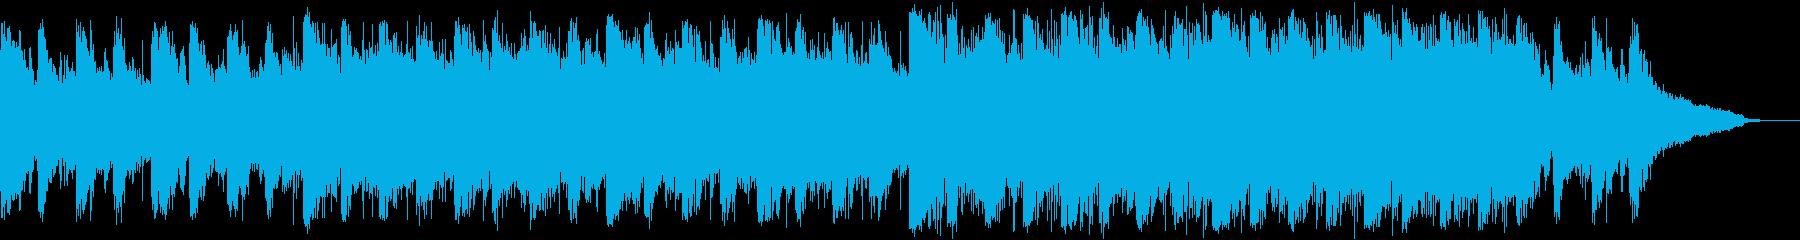 幻想的、スローなエレクトロの再生済みの波形